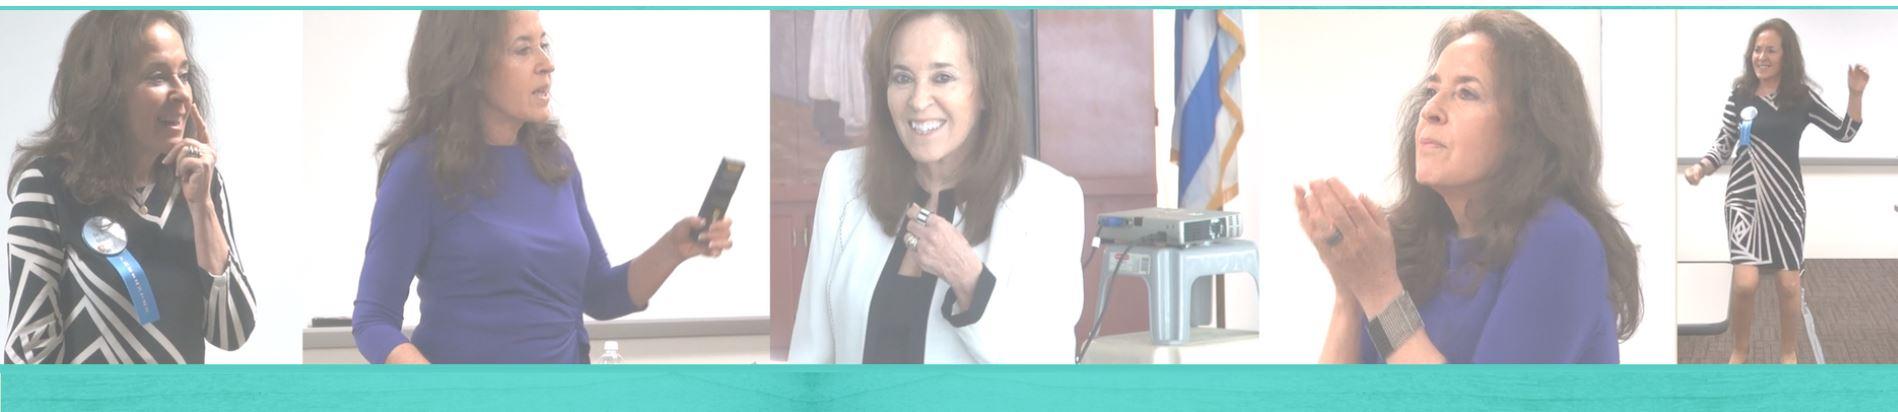 Photos of Dr. Sandy Gluckman Speaking